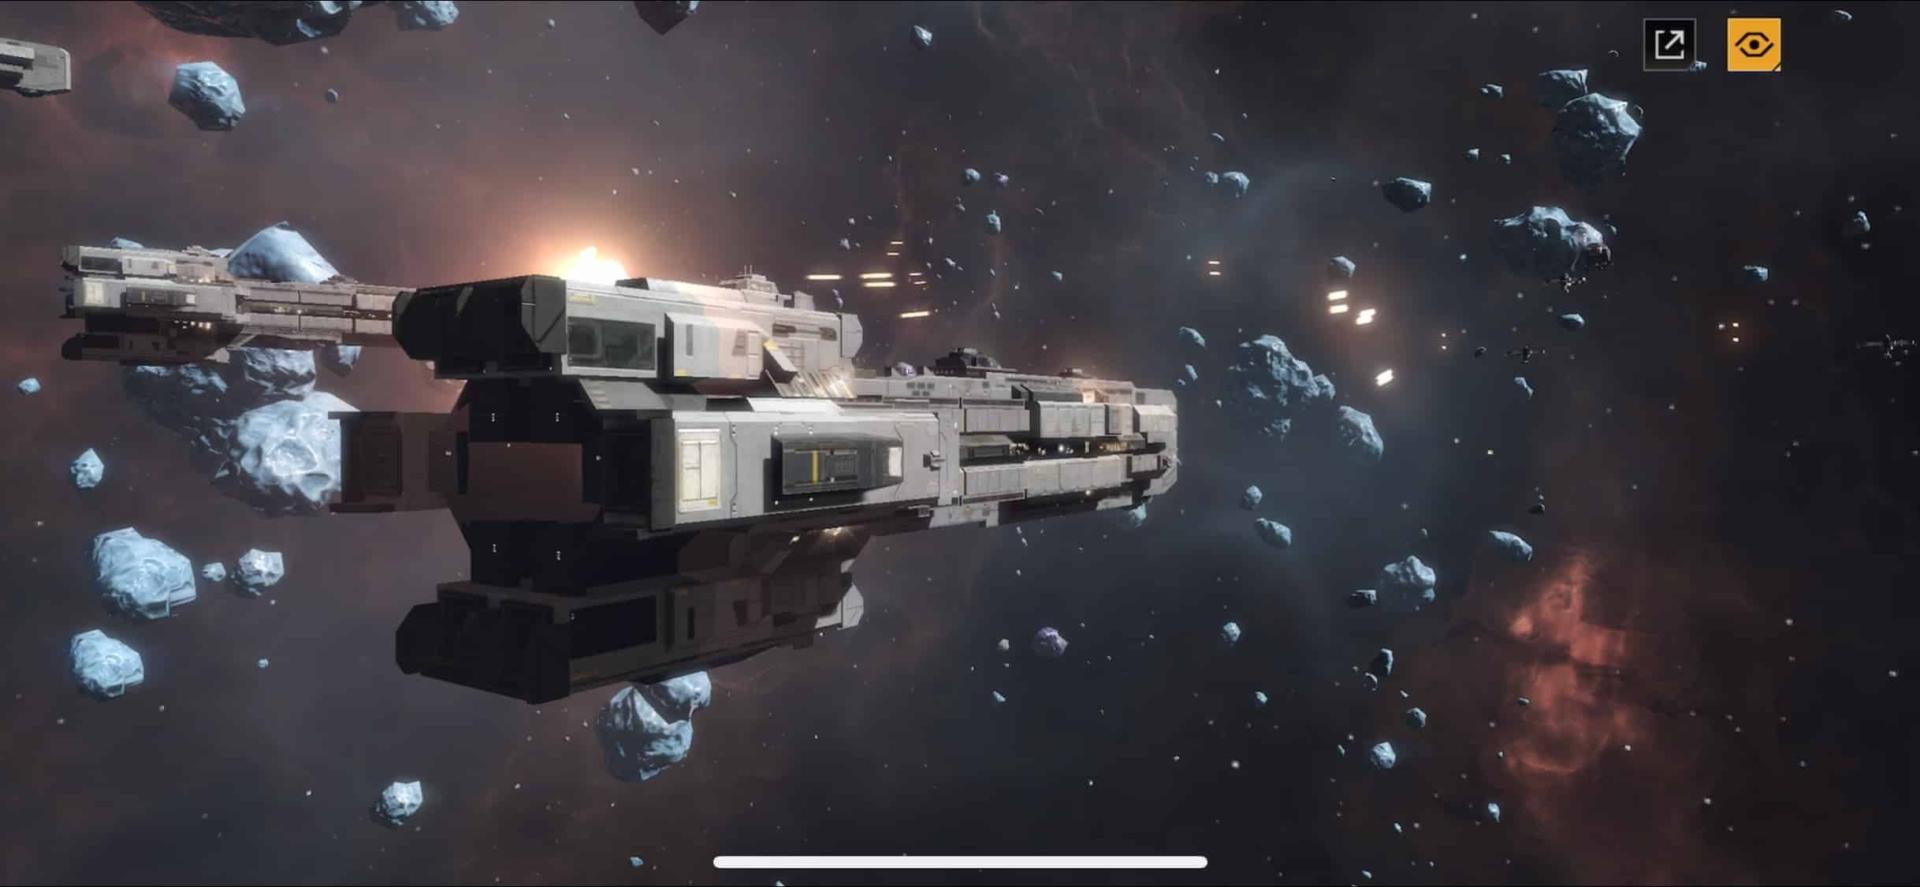 インフィニットラグランジュ、宇宙空間での大規模戦争